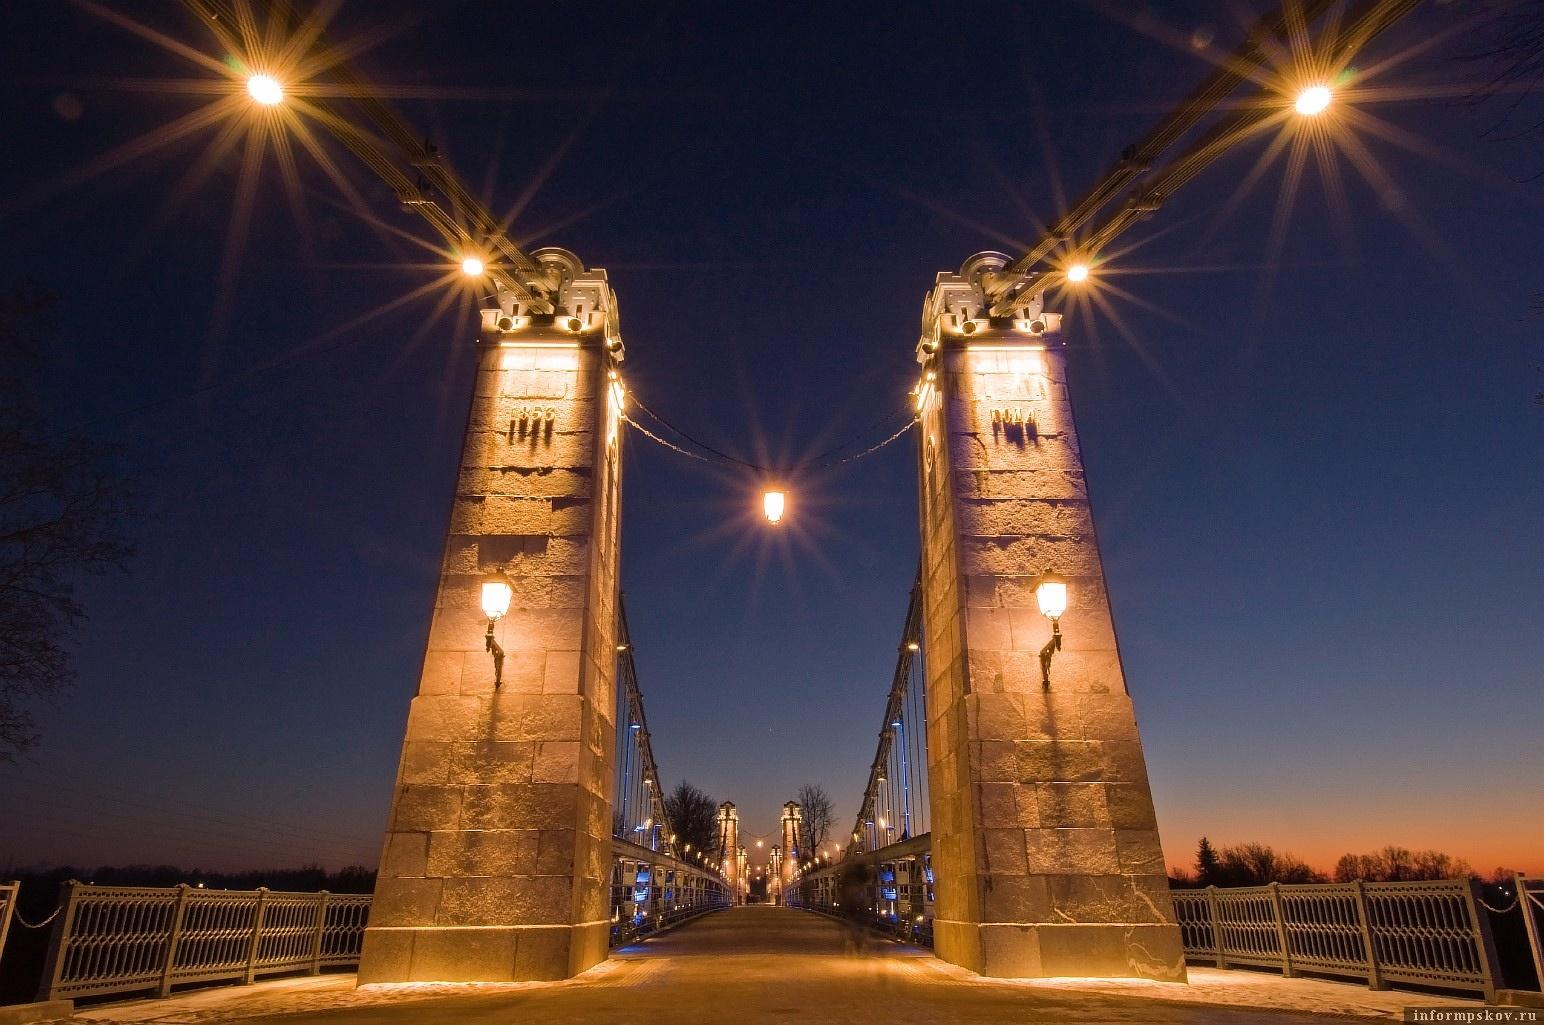 Цепные мосты в Острове. Фото Юрия Яковлева.